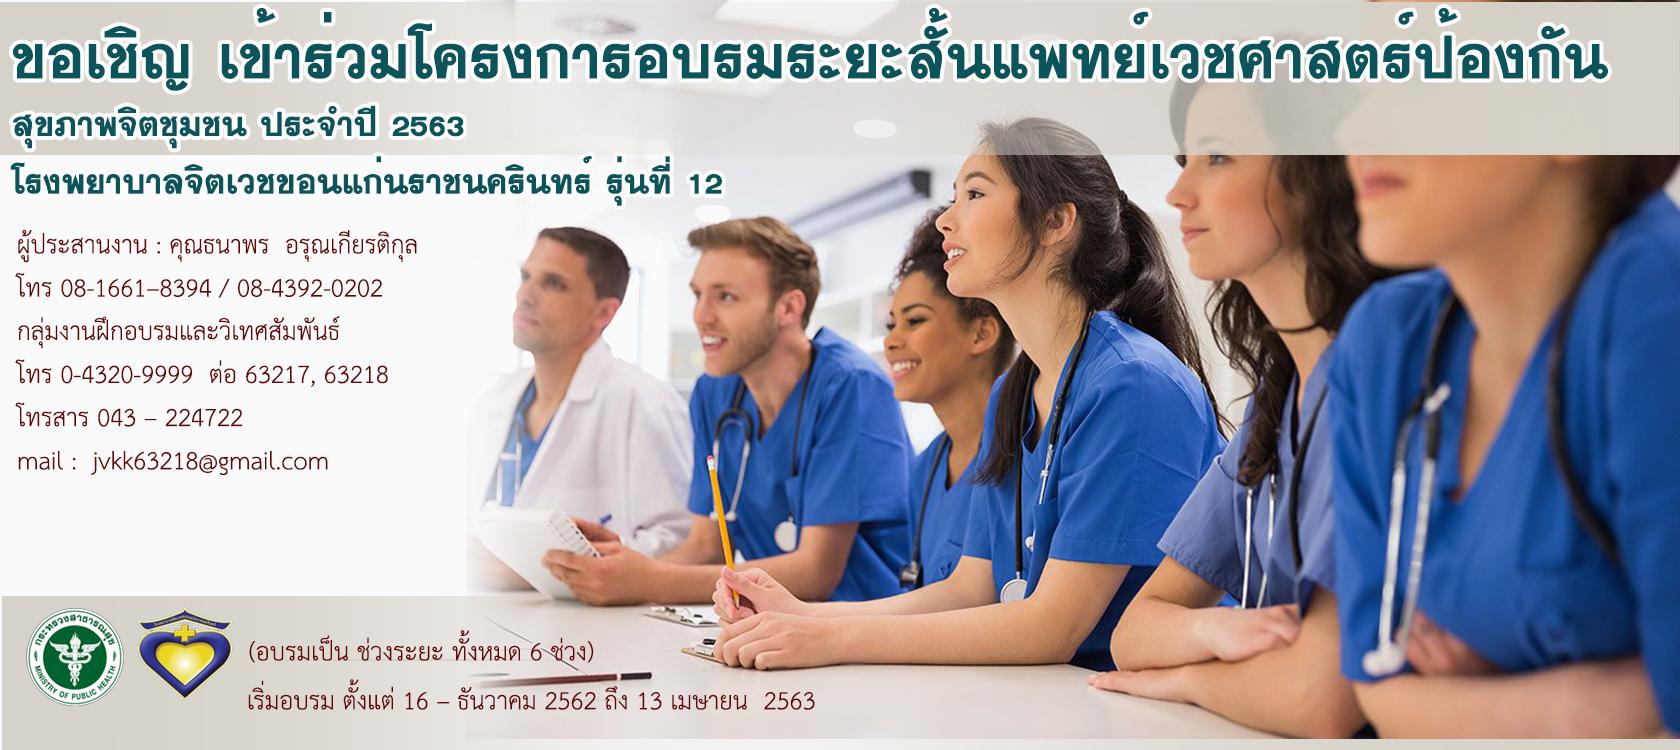 เปิดรับสมัครเข้ารับการอบรมระยะสั้นแพทย์เวชศาสตร์ป้องกัน สุขภาพจิตชุมชน ประจำปี 2563 รุ่นที่ 12